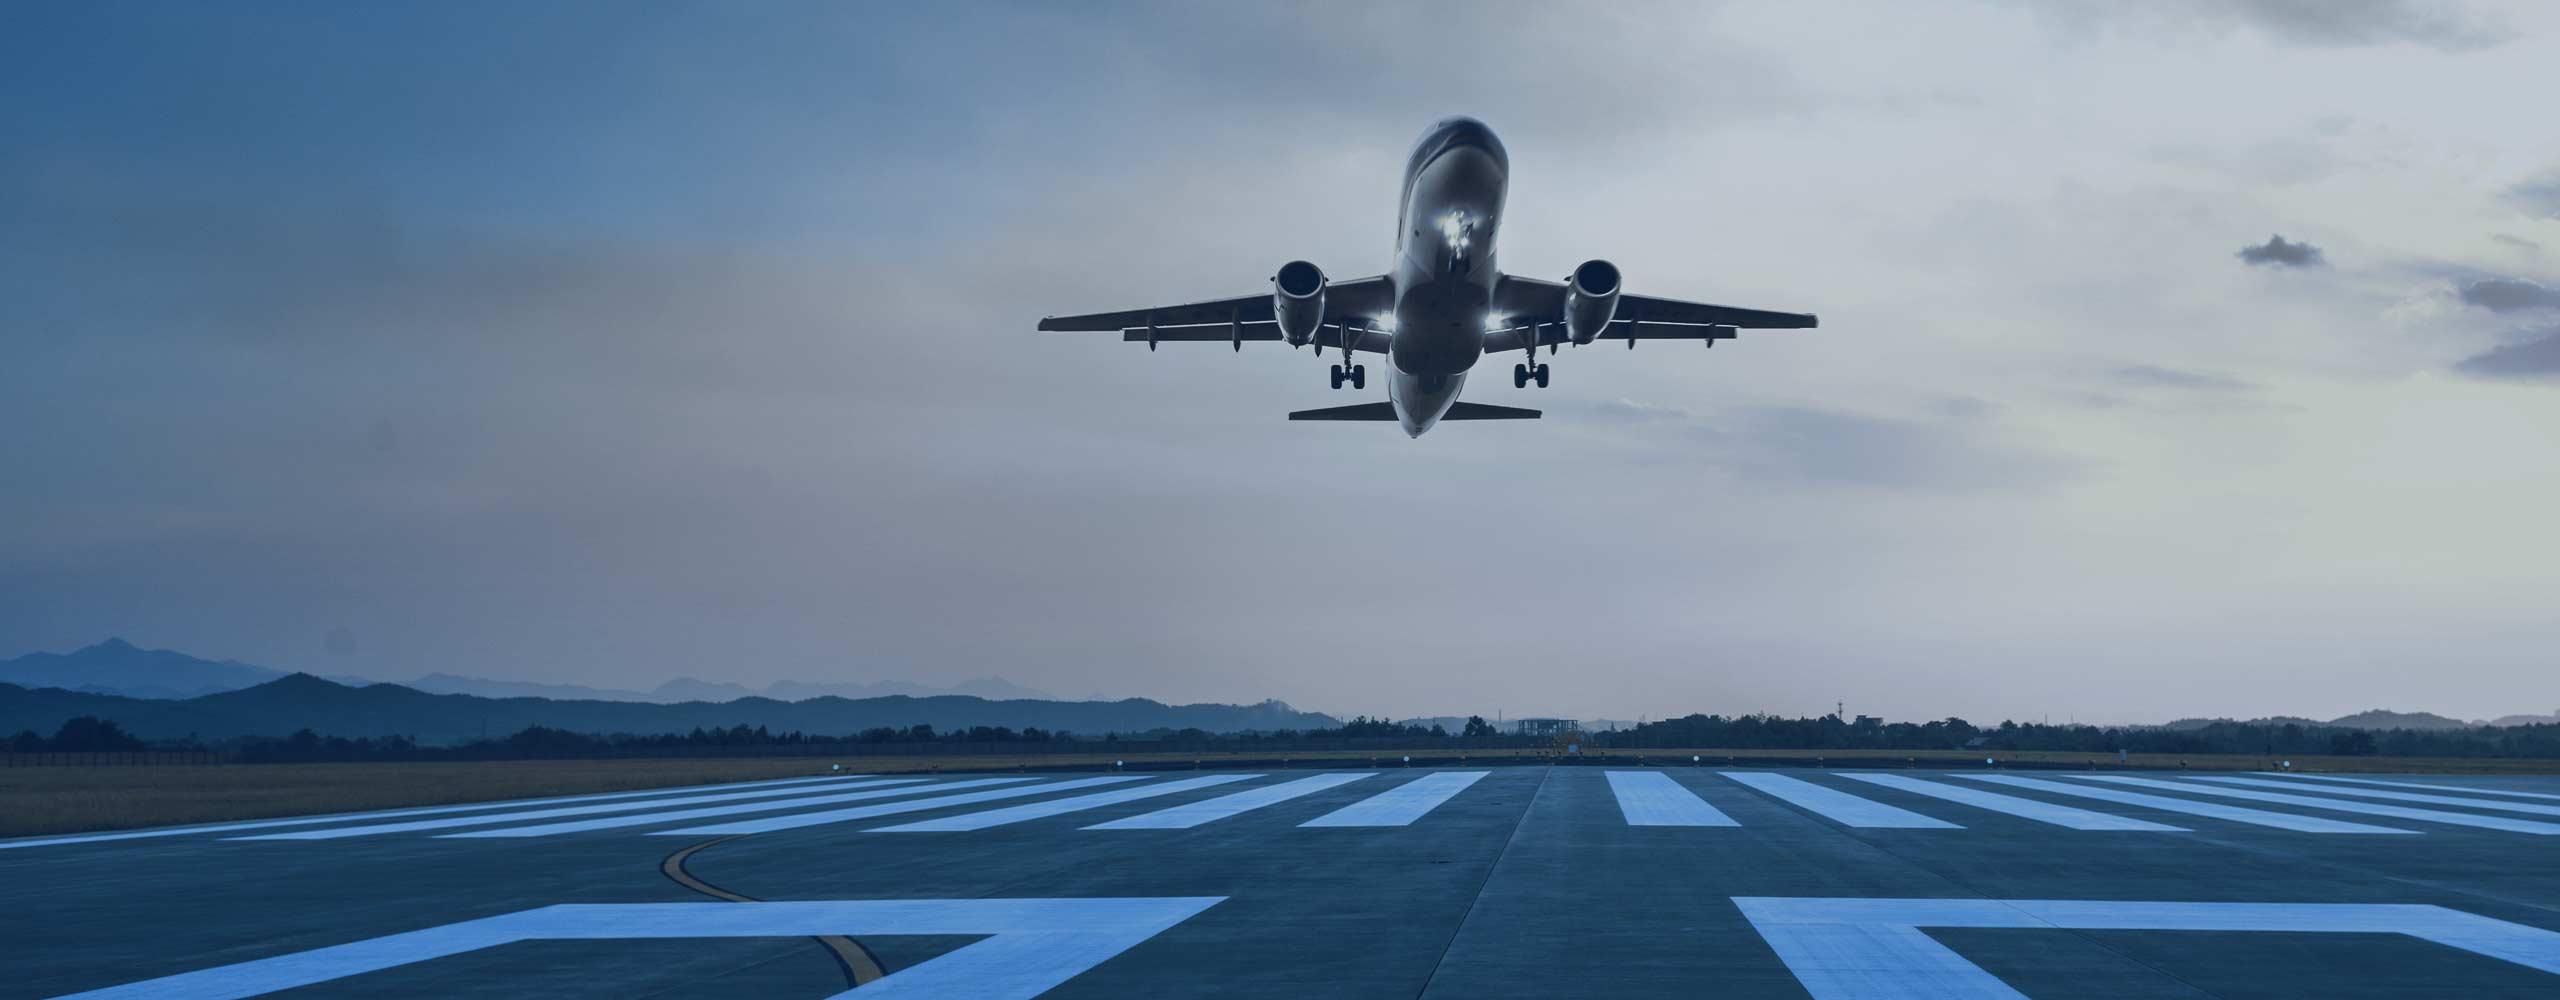 Aircraft taking off | TELAIR